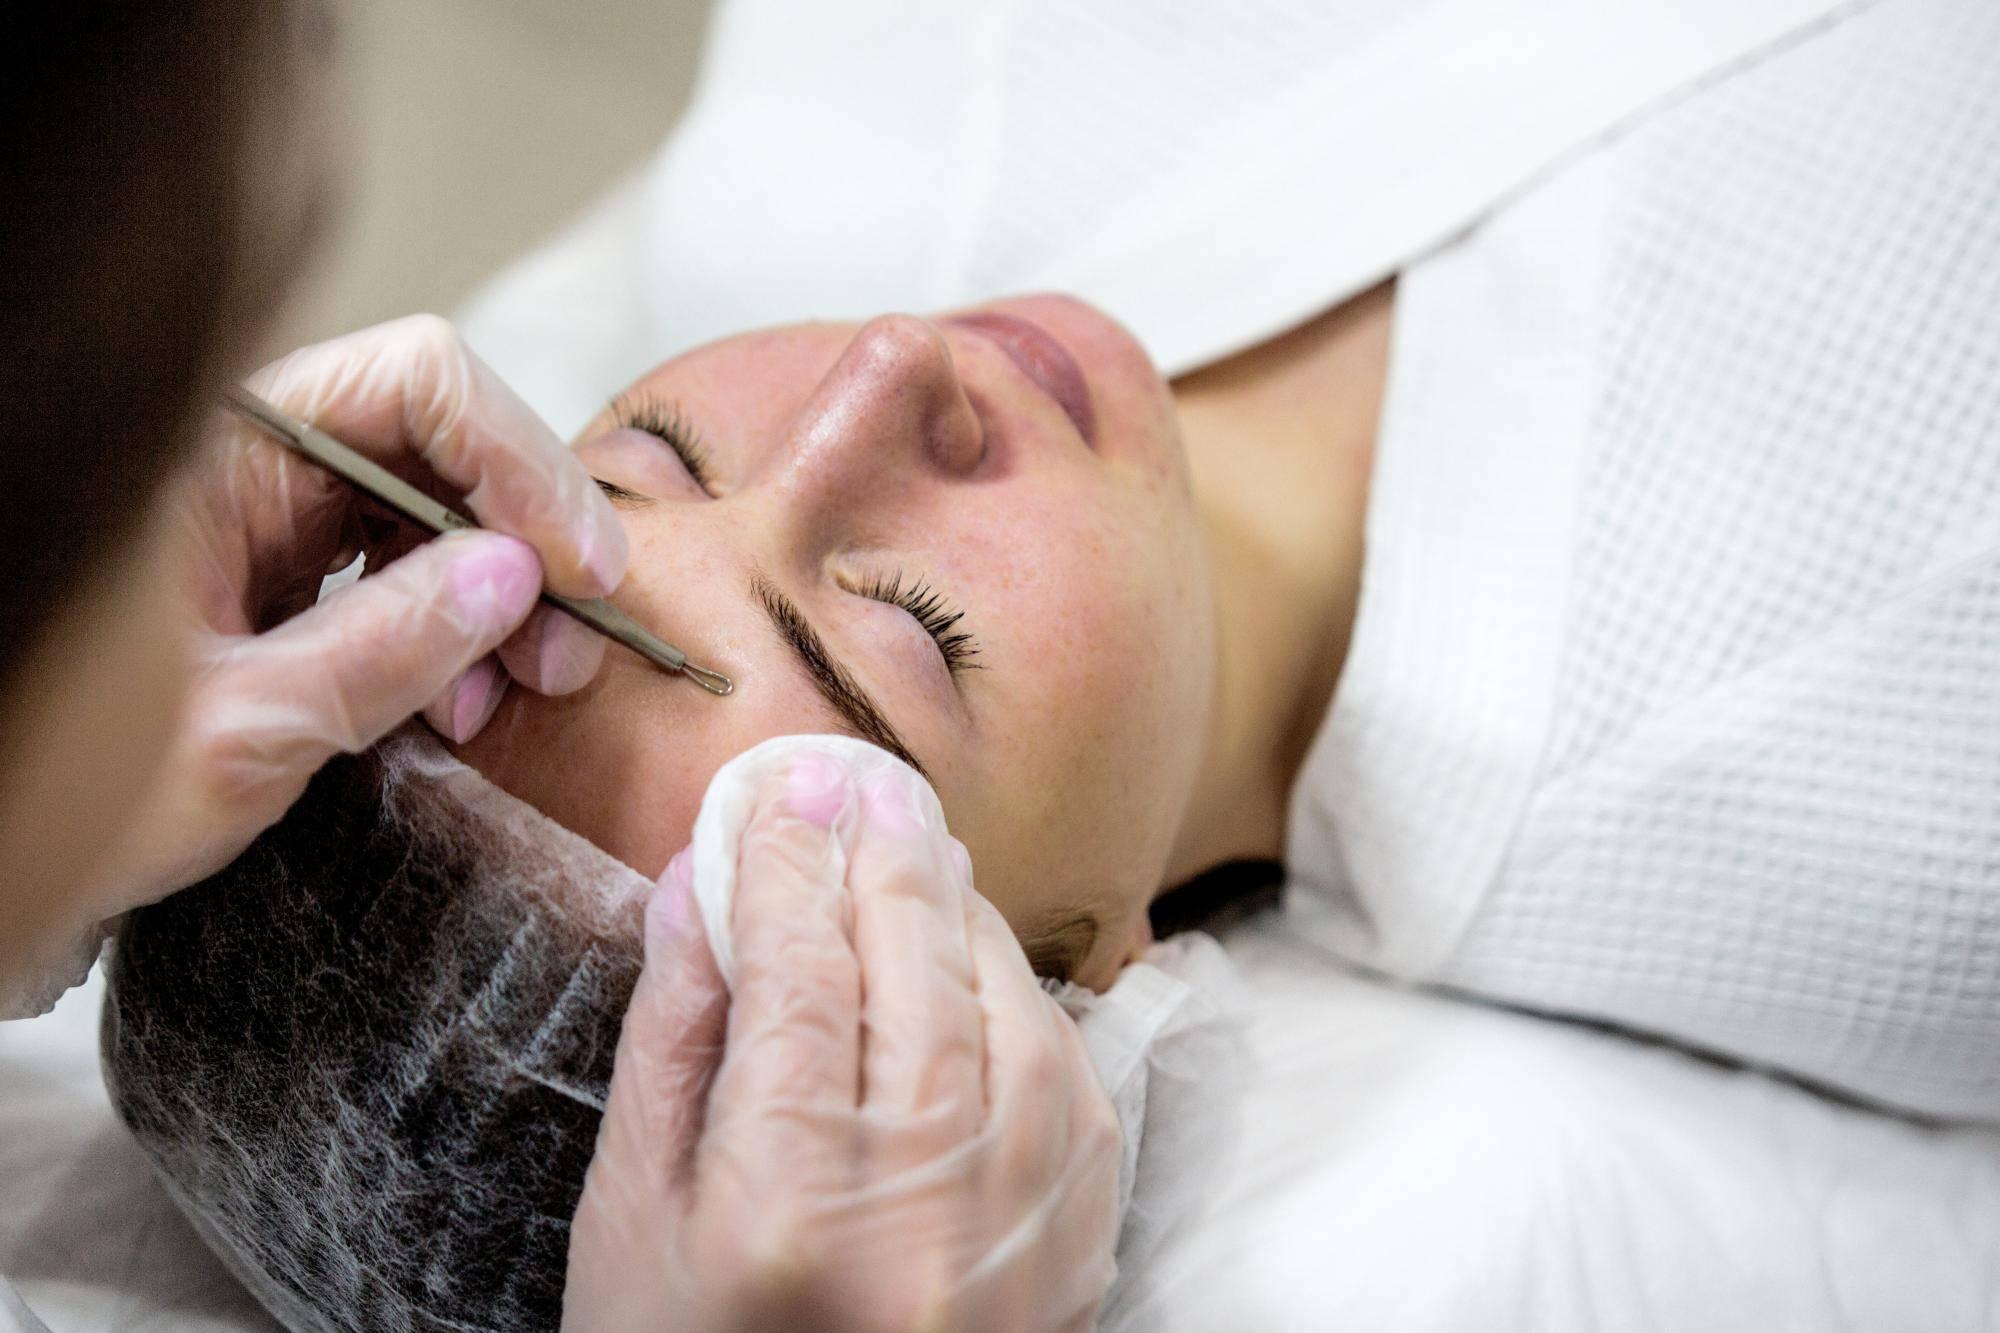 Ультразвуковая чистка лица: когда можно делать, процедура и противопоказания